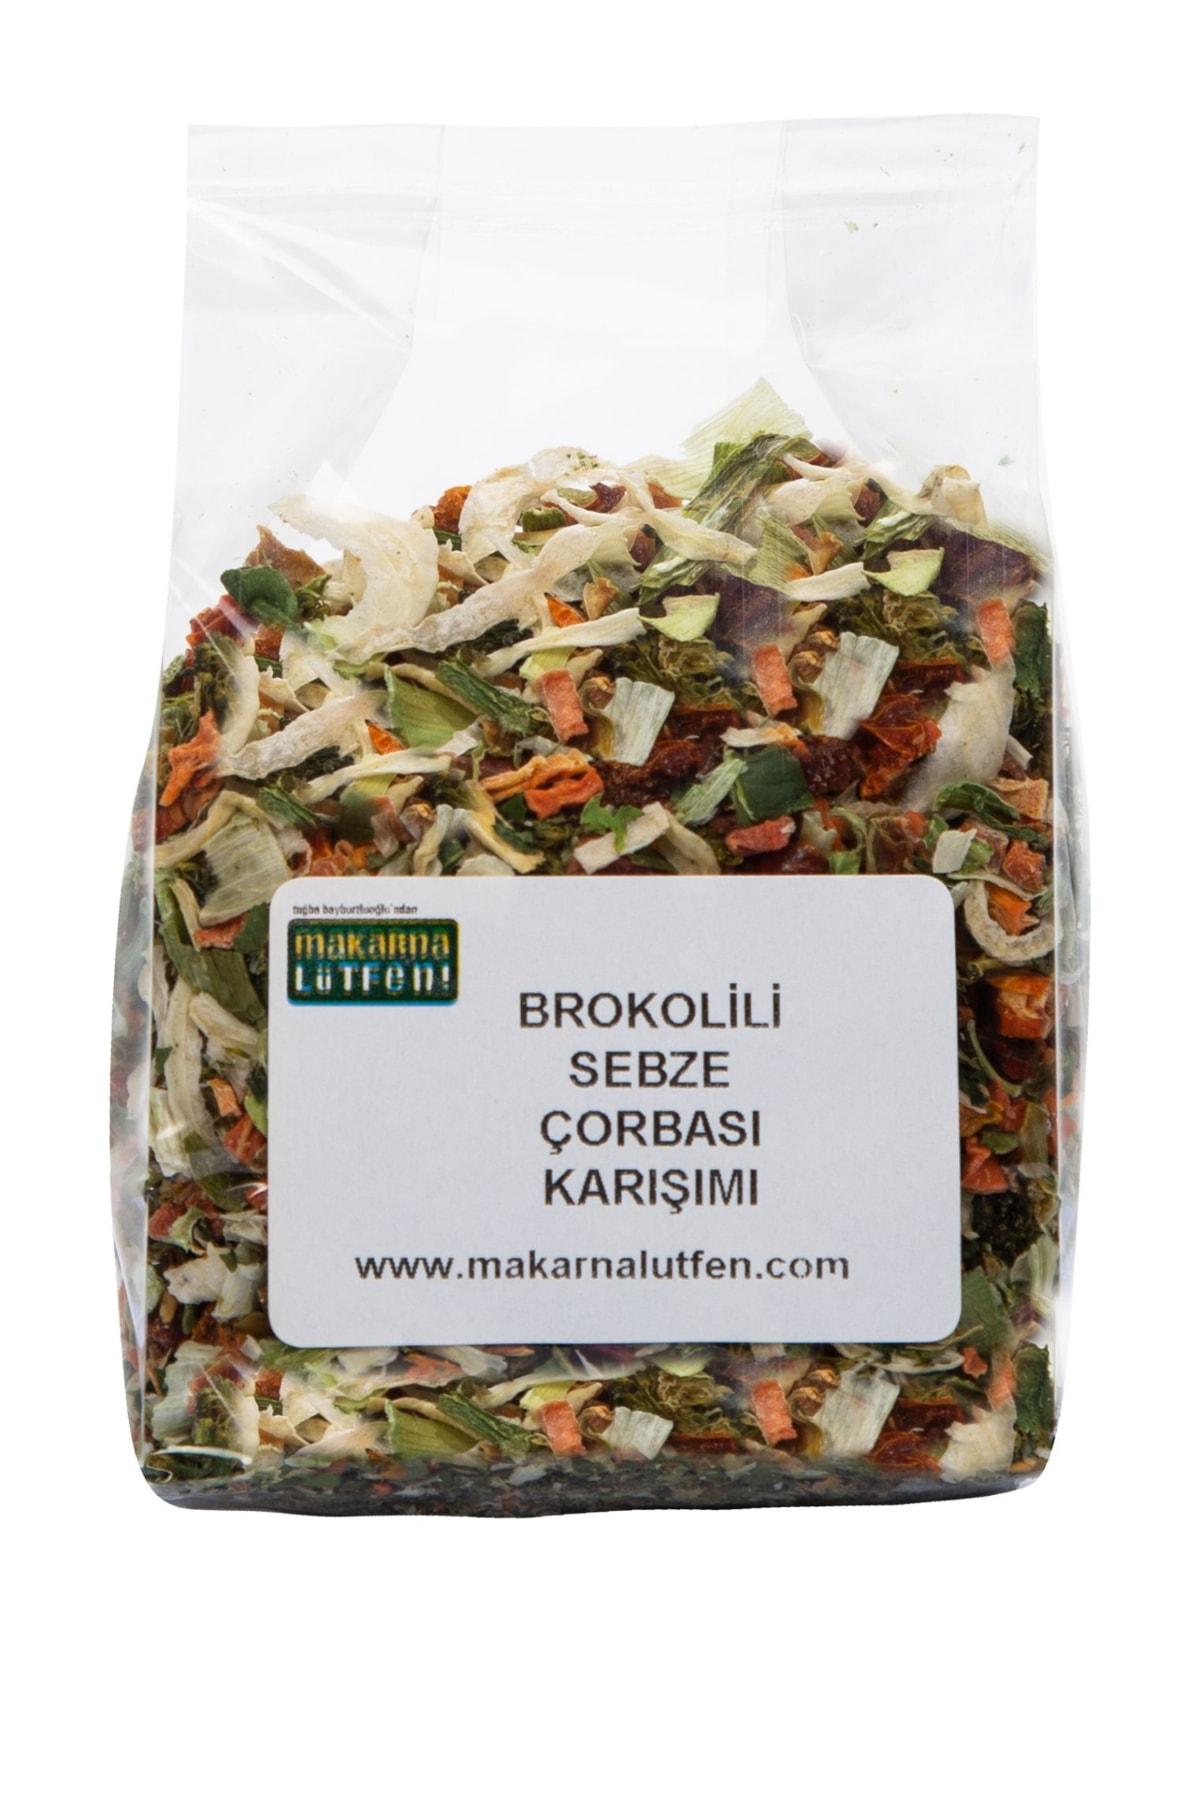 Makarna Lütfen Brokolili Sebze Çorbası Karışımı  50gr 1